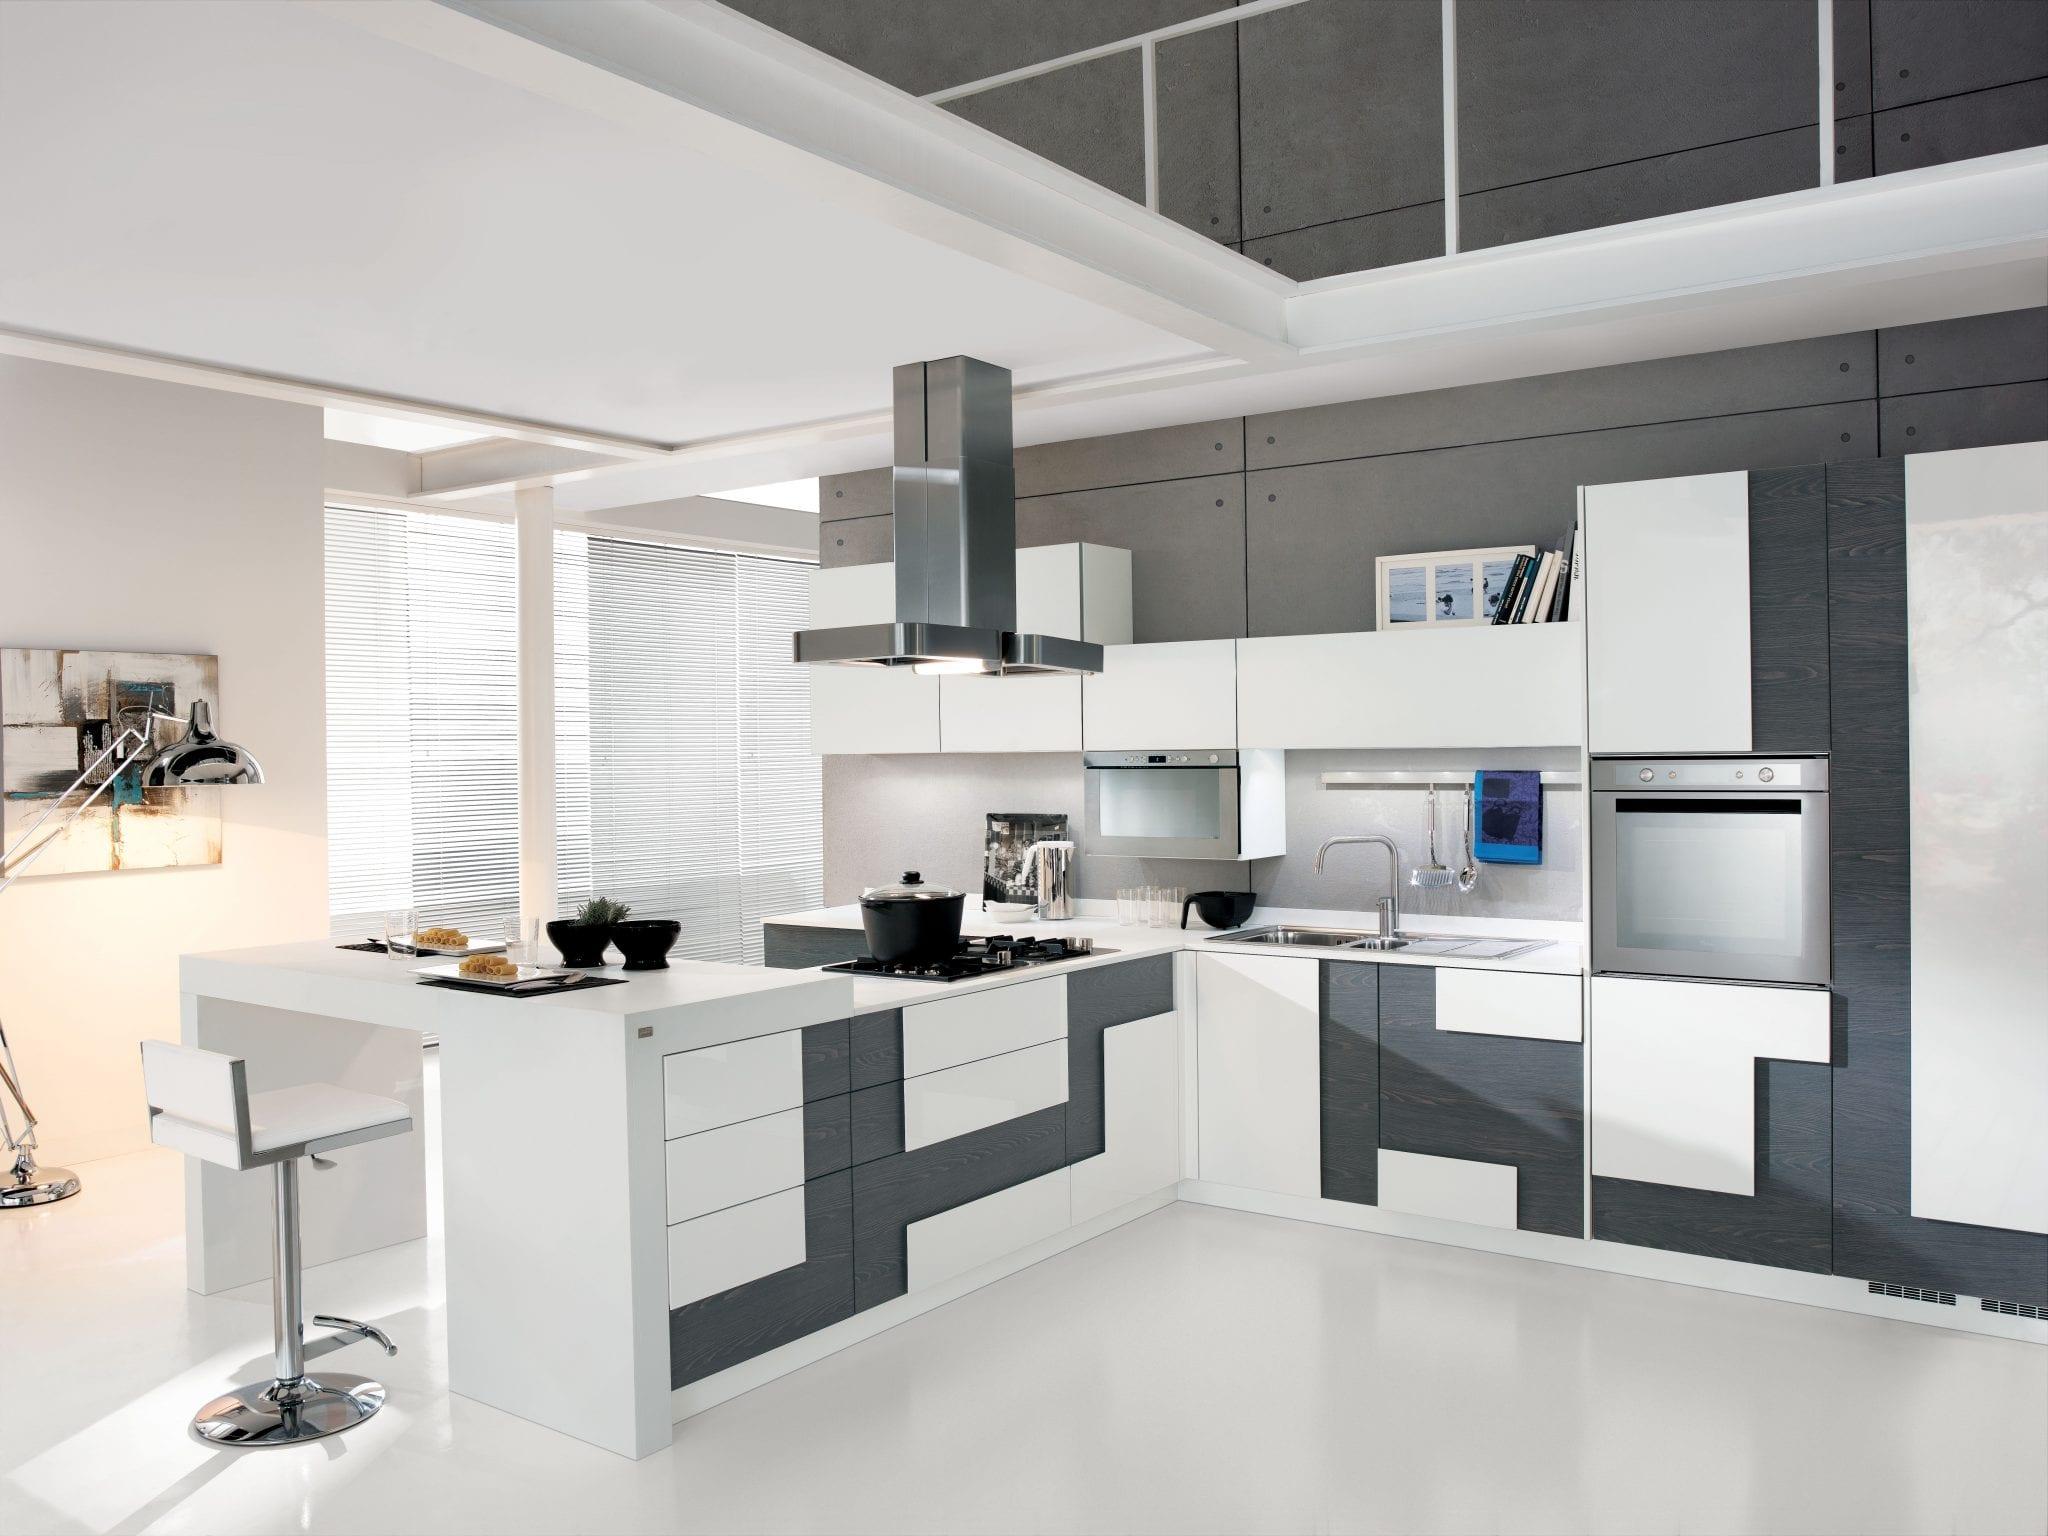 Cucina moderna creativa lube for Ikea appuntamento cucina